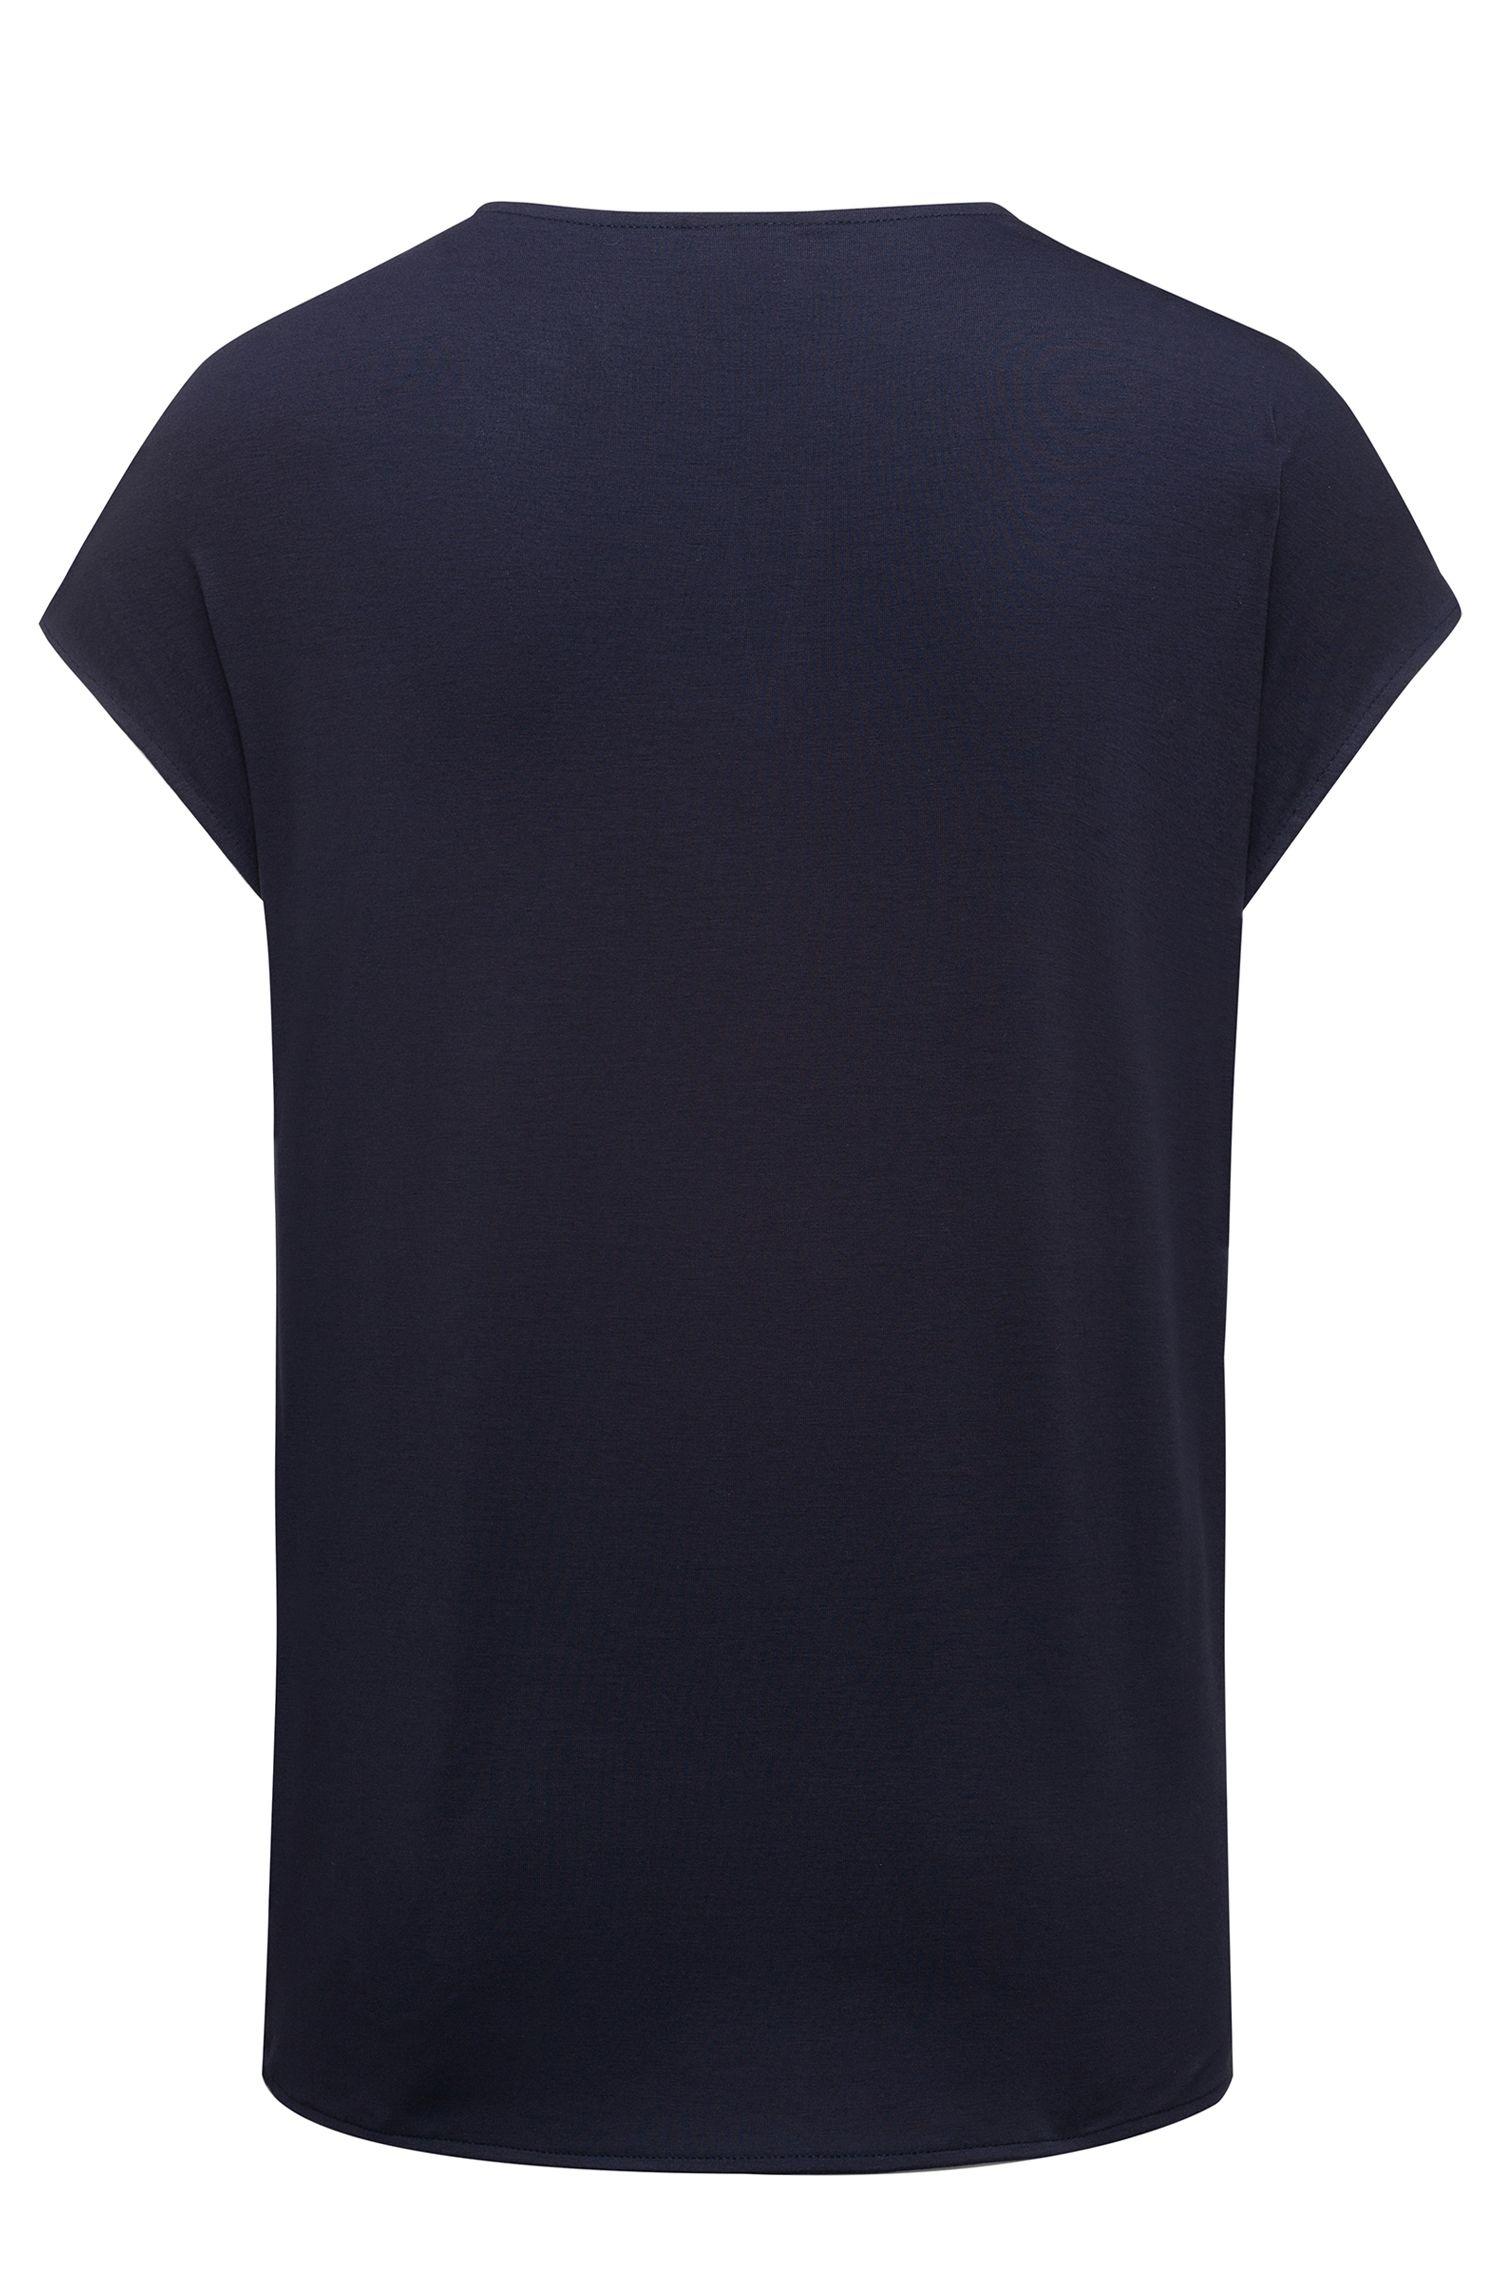 Top de manga casquillo con parte delantera en seda elástica , Azul oscuro